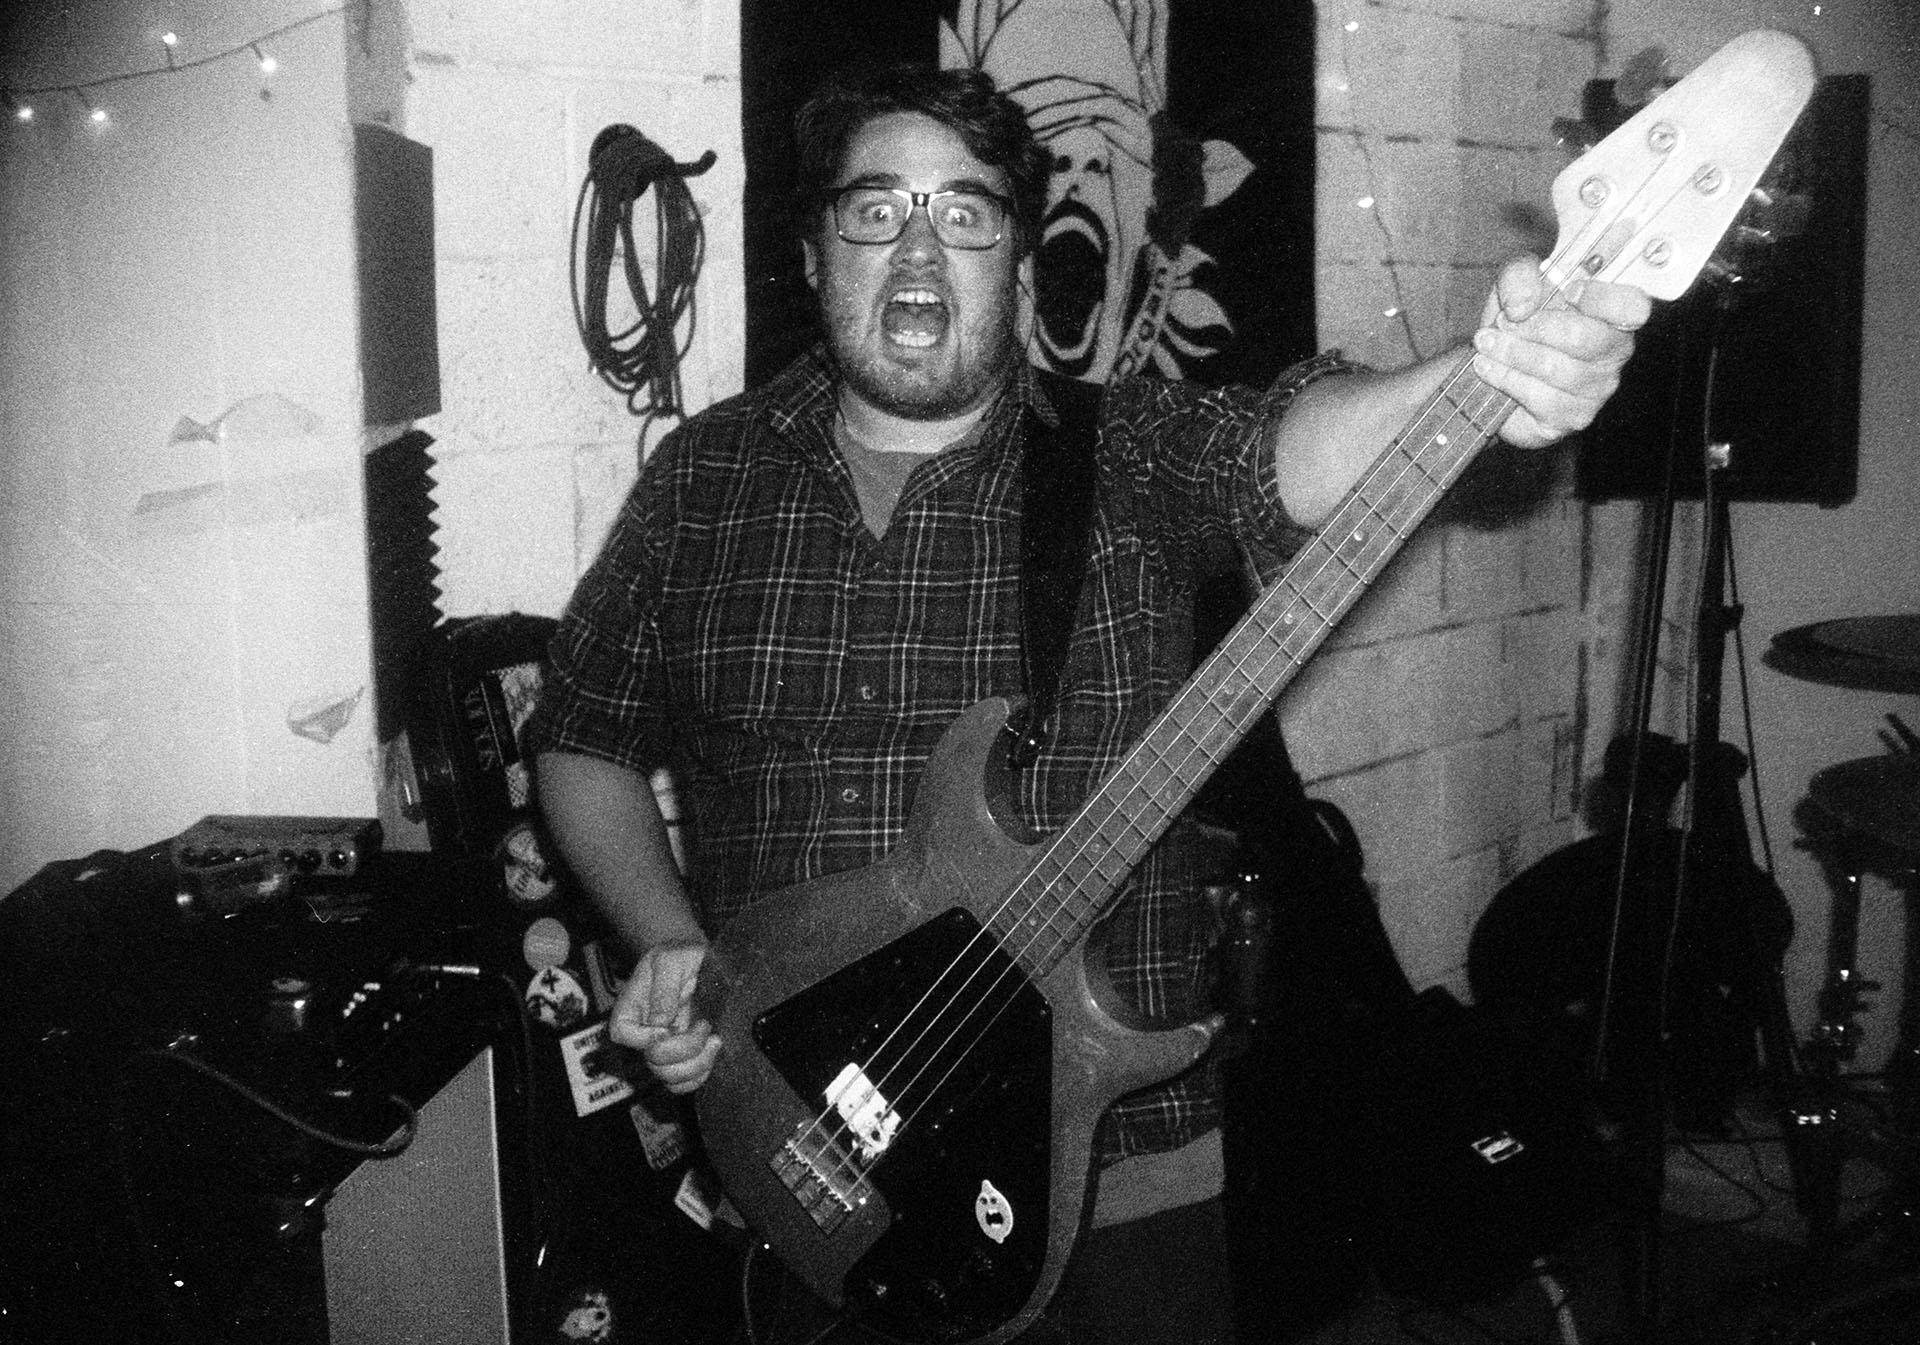 Closet Organ bassist